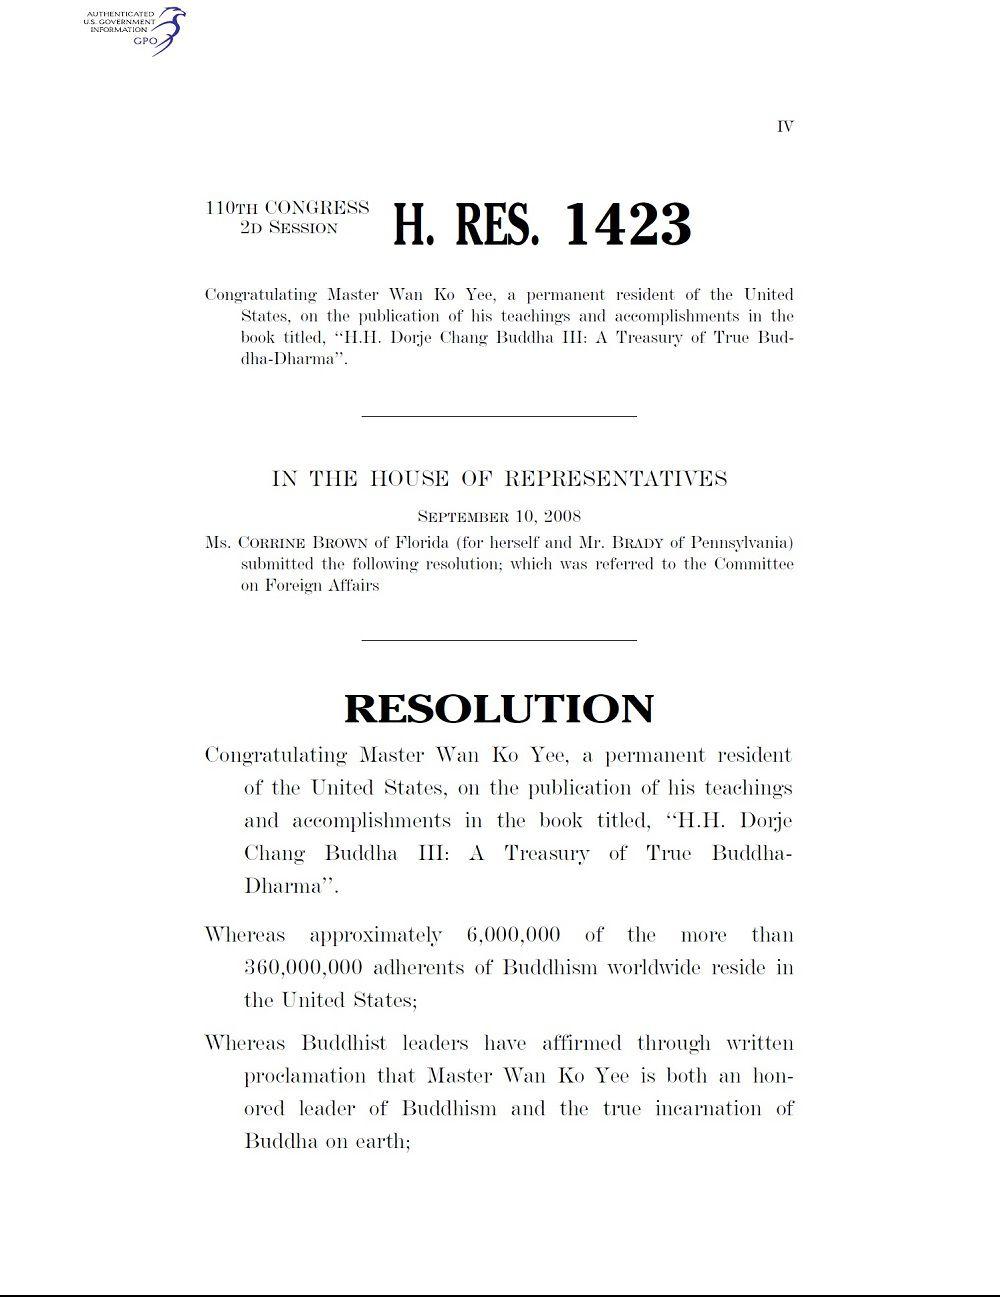 2008年9月10日美國國會眾議院第1423號議文的恭賀禮讚!認證義雲高大師為古佛真身降世,第三世多杰羌佛。